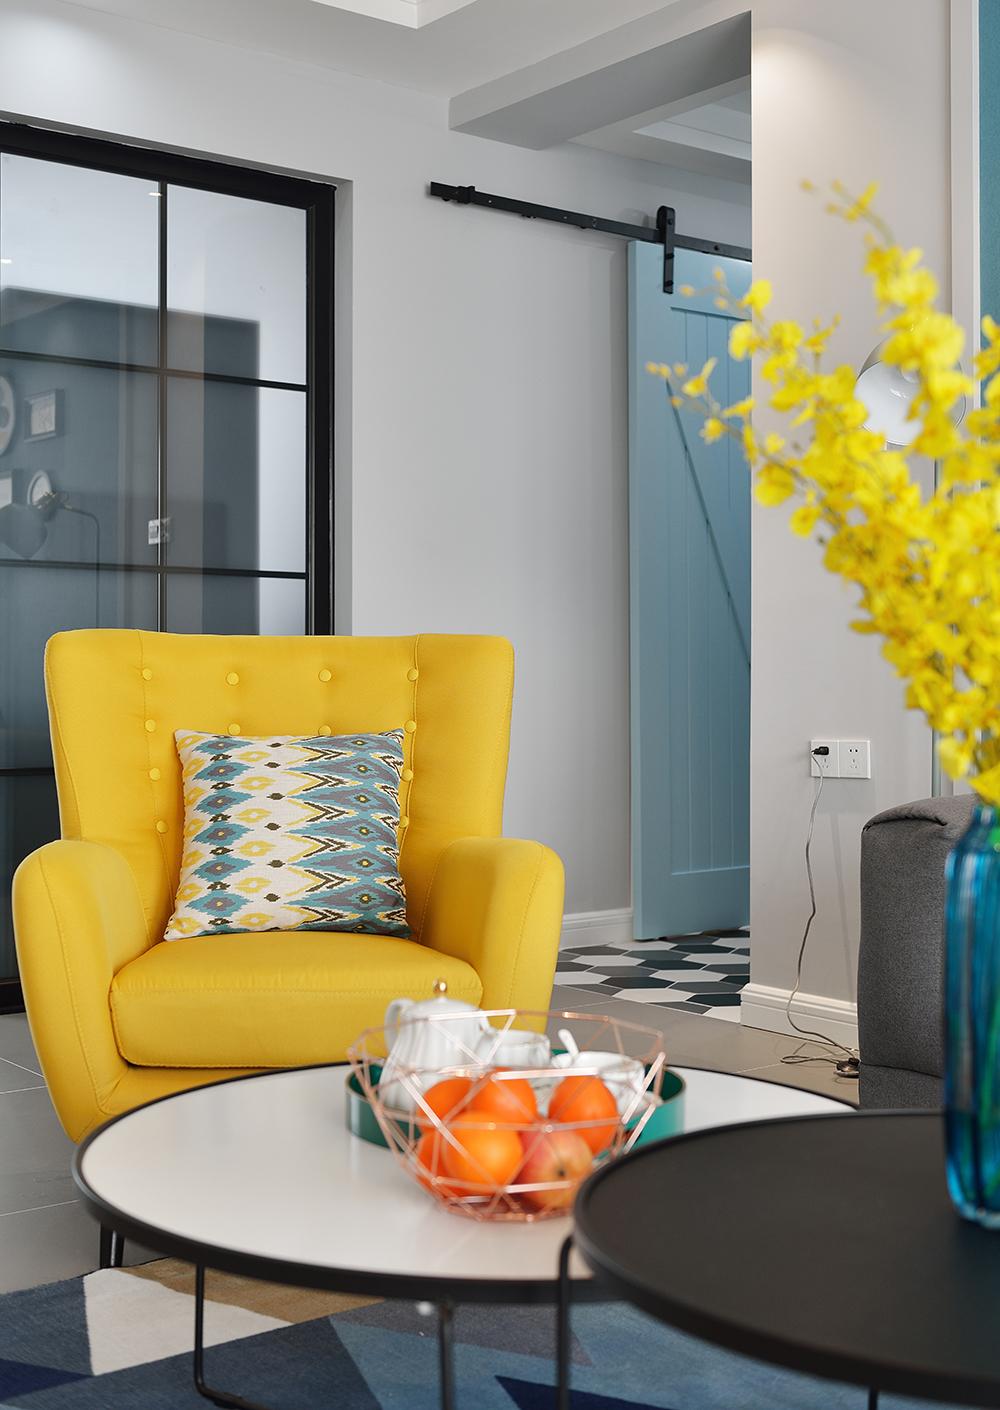 86㎡北欧风格装修沙发椅设计